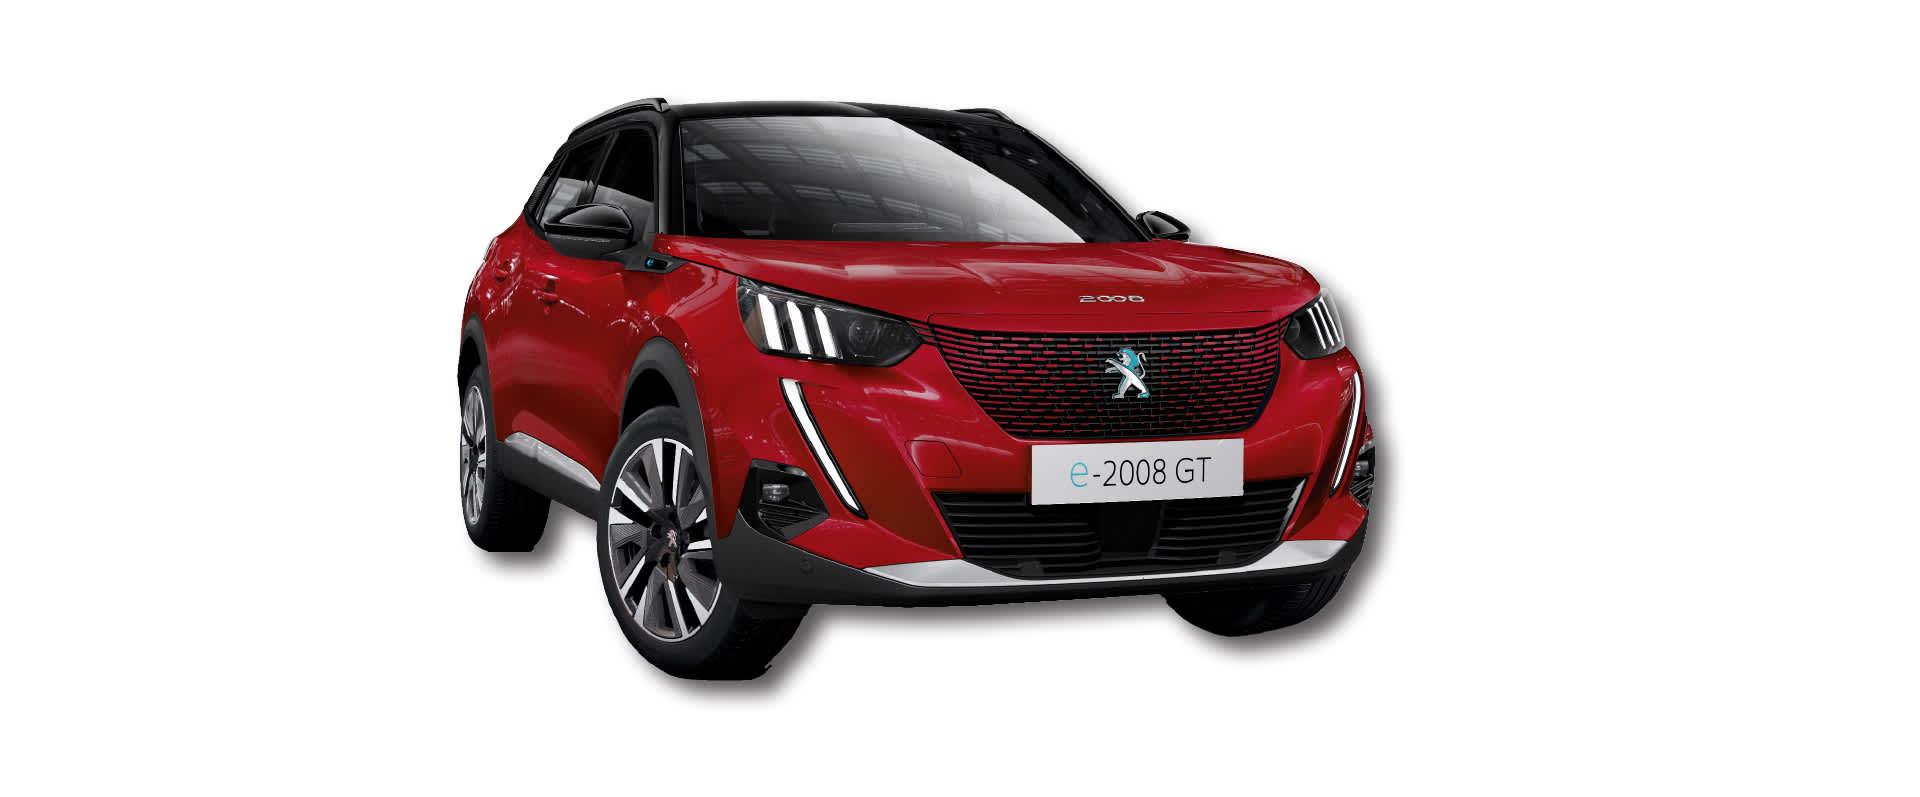 Kjøper du en 100 prosent resirkulert flaske fra Coca-Cola er du automatisk med i trekningen av en Peugeot e-2008.